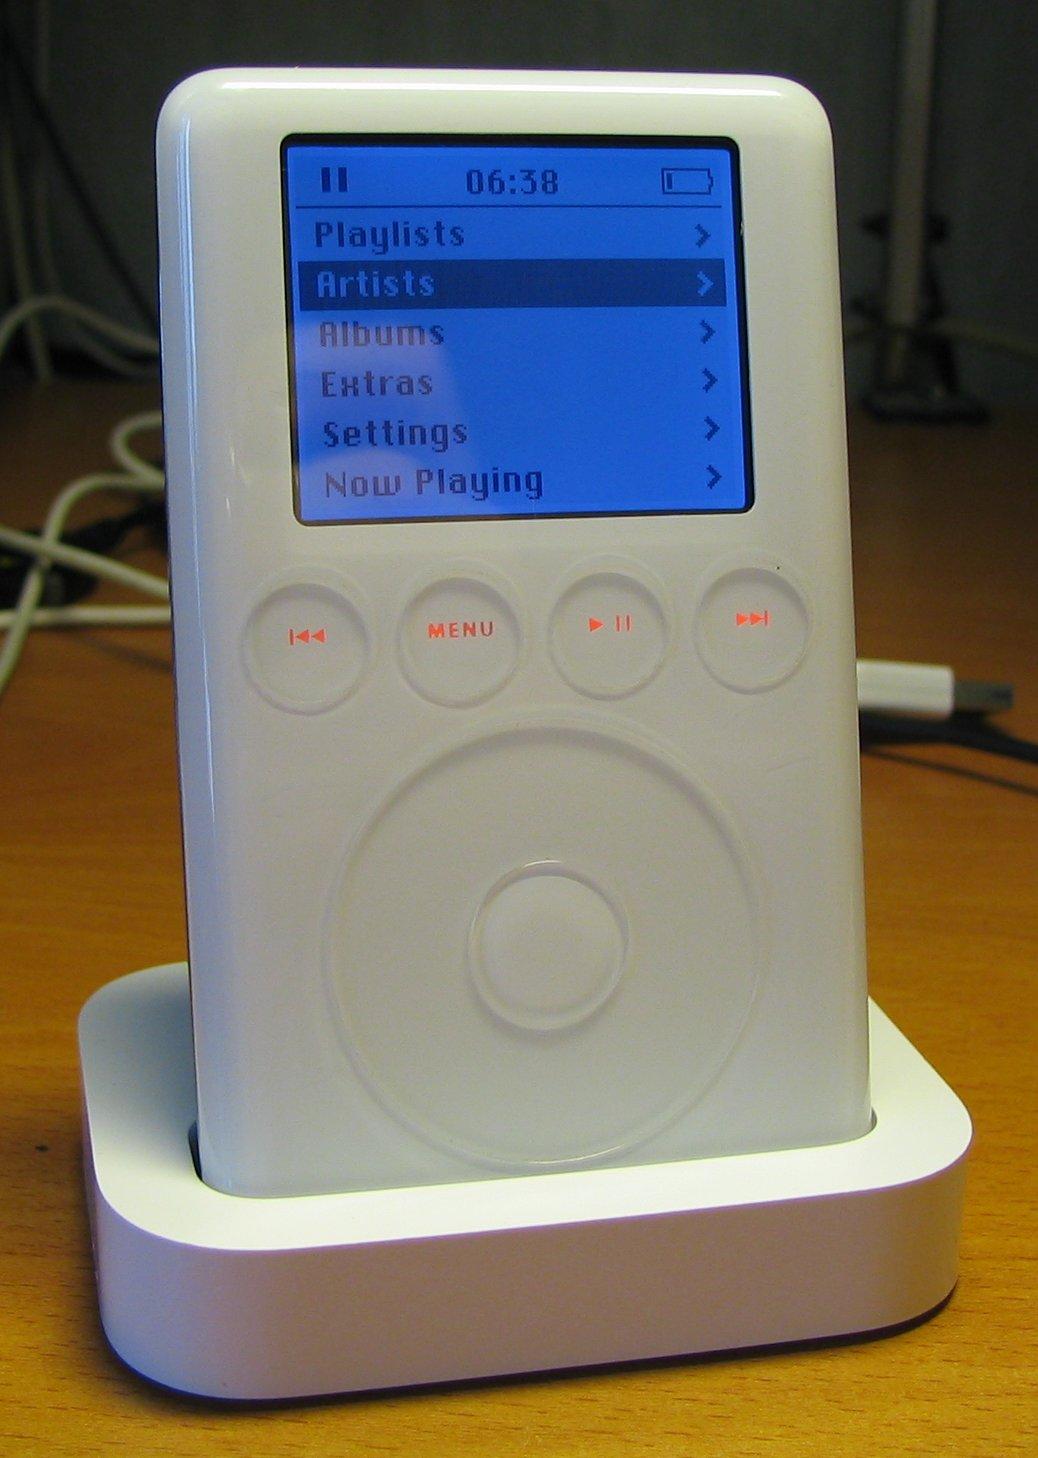 3G_ipod_in_dock.jpg